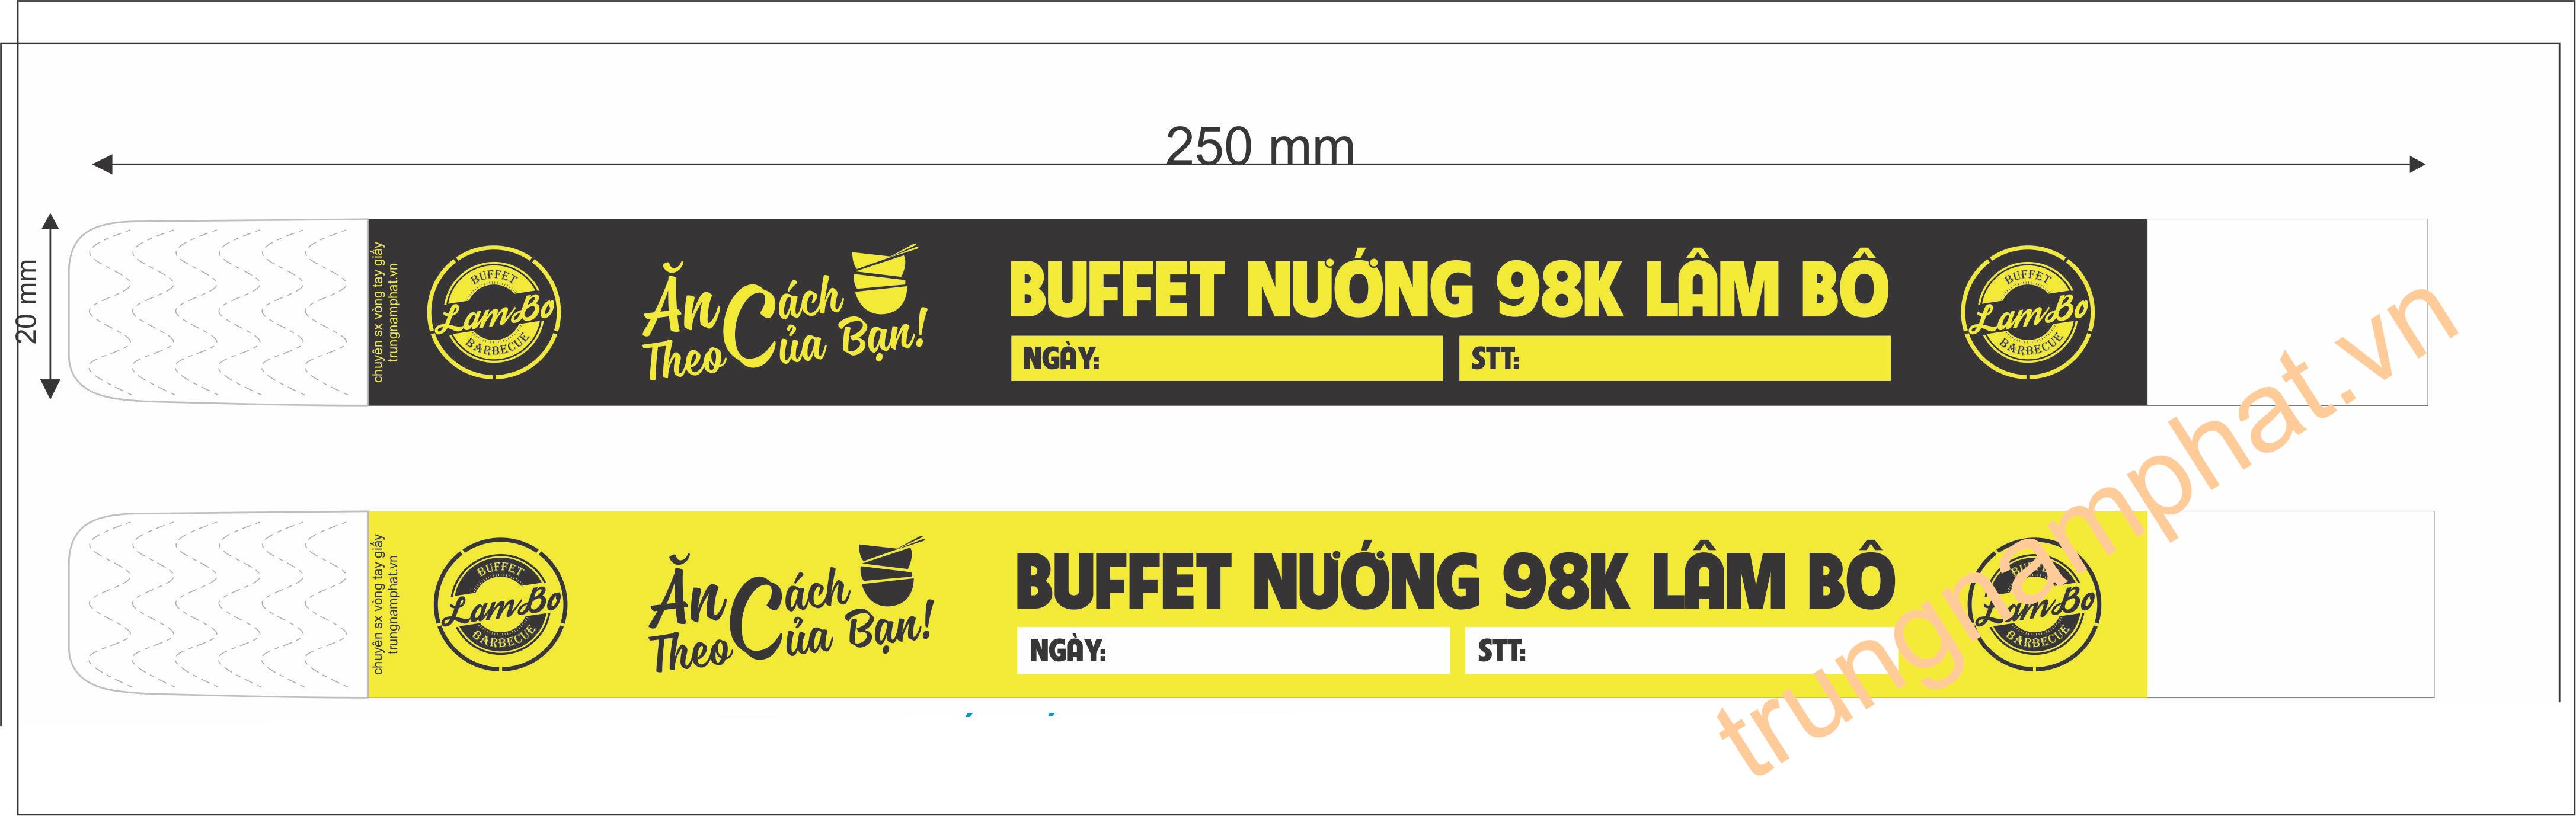 vong-tay-giay-buffet-lam-bo, vòng tay kiểm soát buffet, vòng tay khu vui chơi